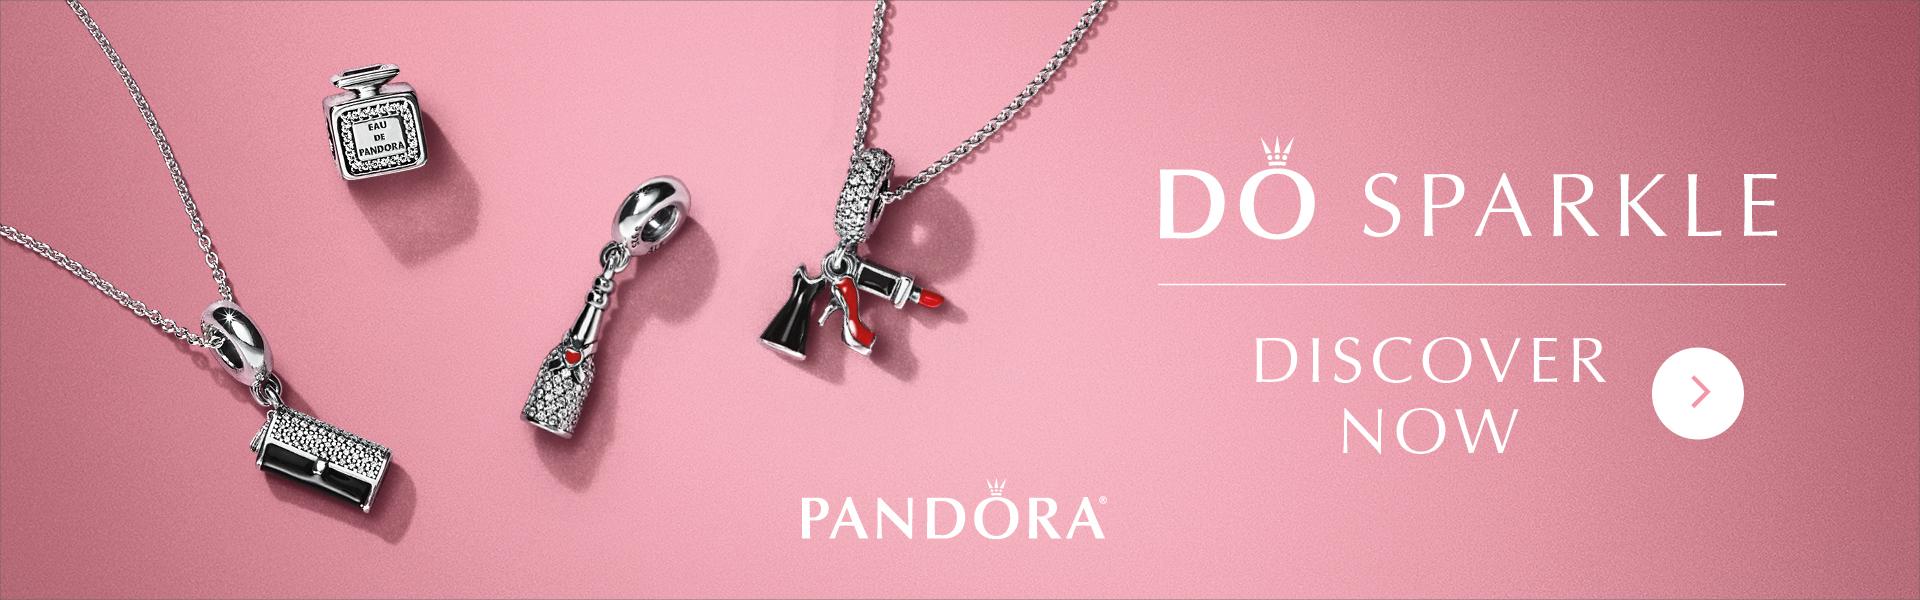 Pandora Do Sparkle!